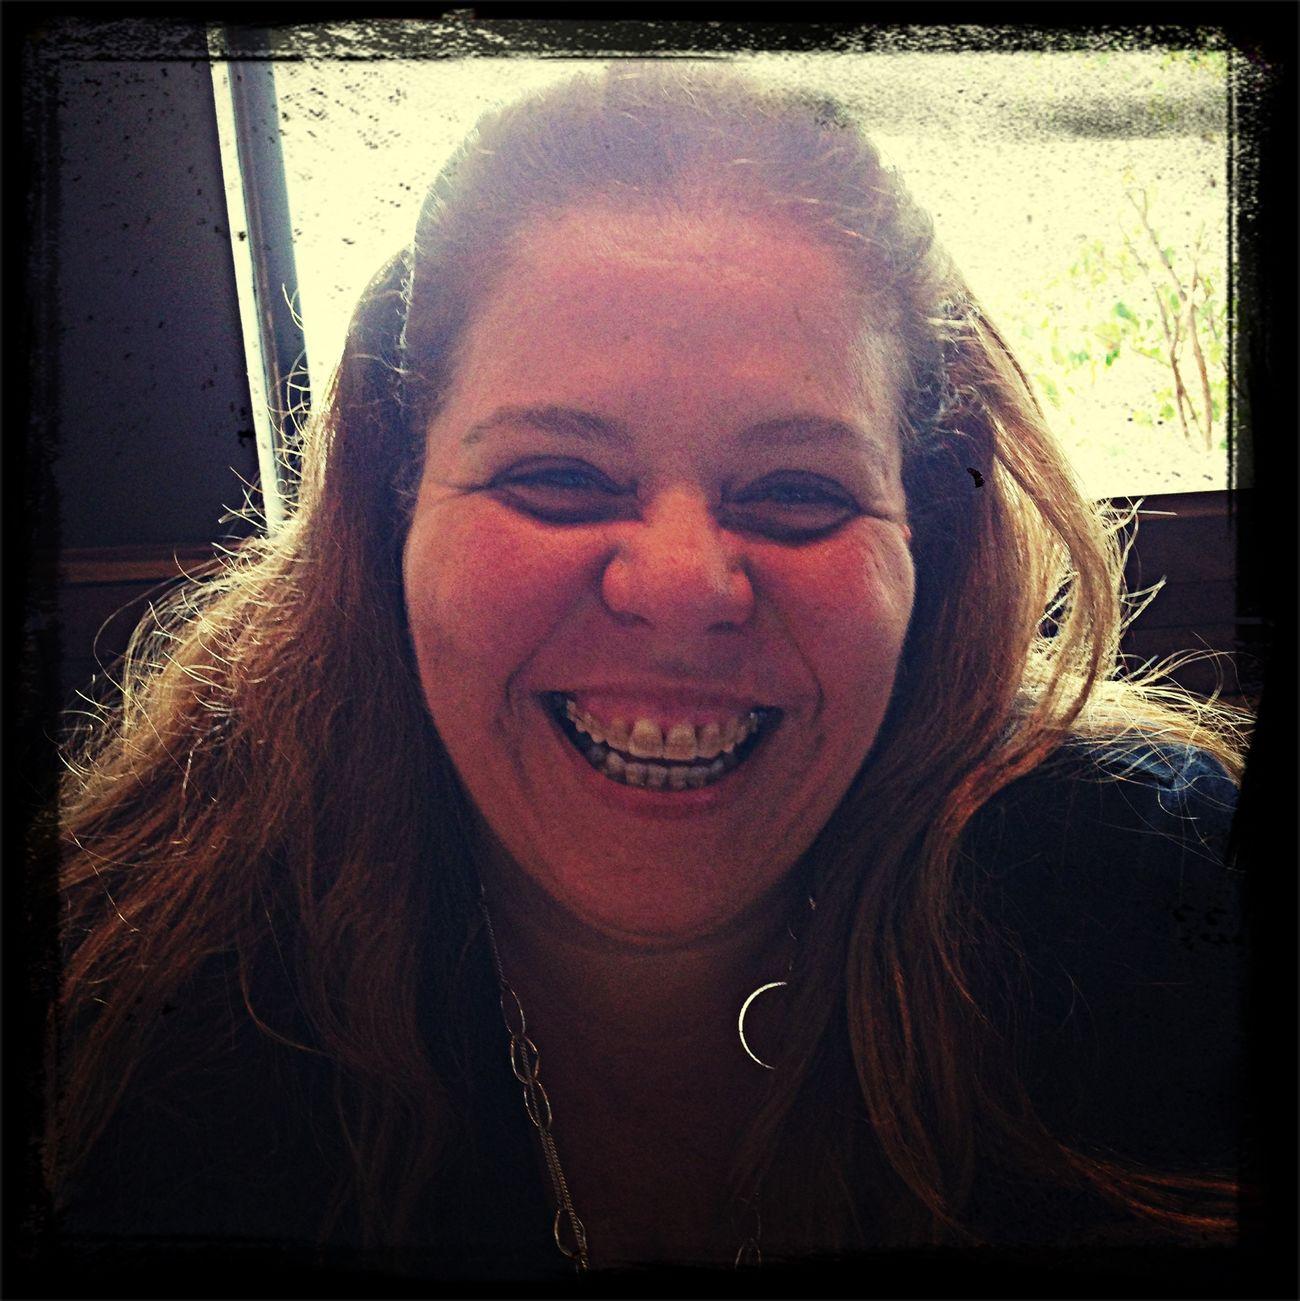 Este é a minha maior alegria, ver o seu sorriso! Te amo Marcinha!!!